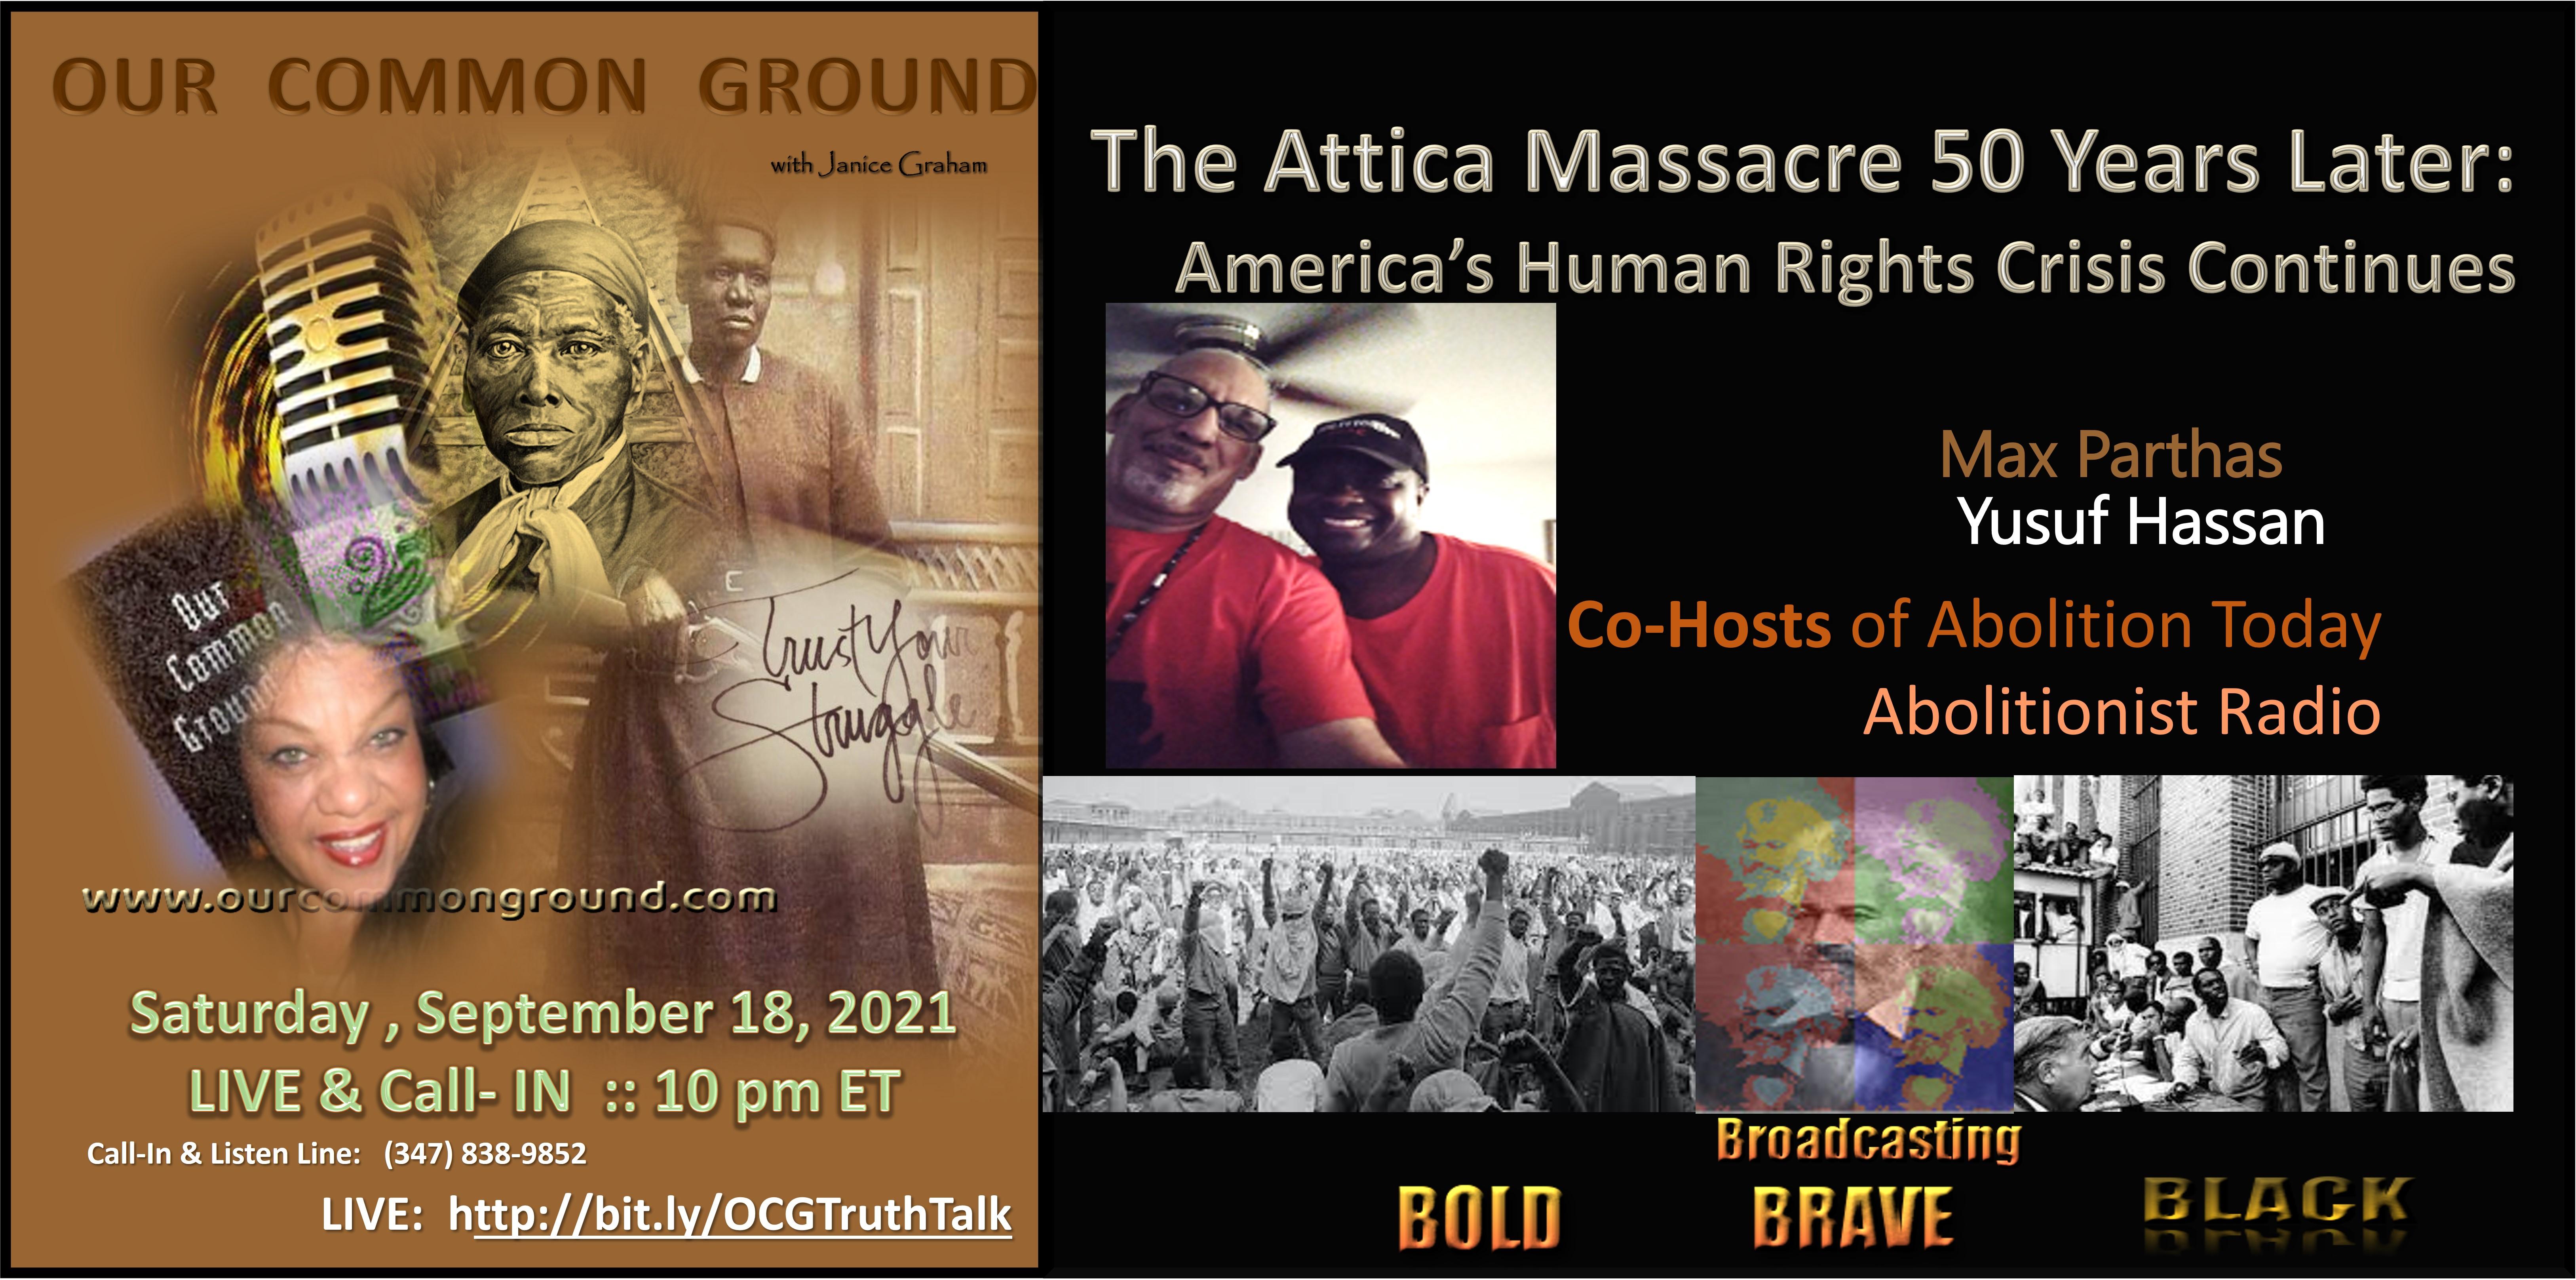 09-18-21 Attica